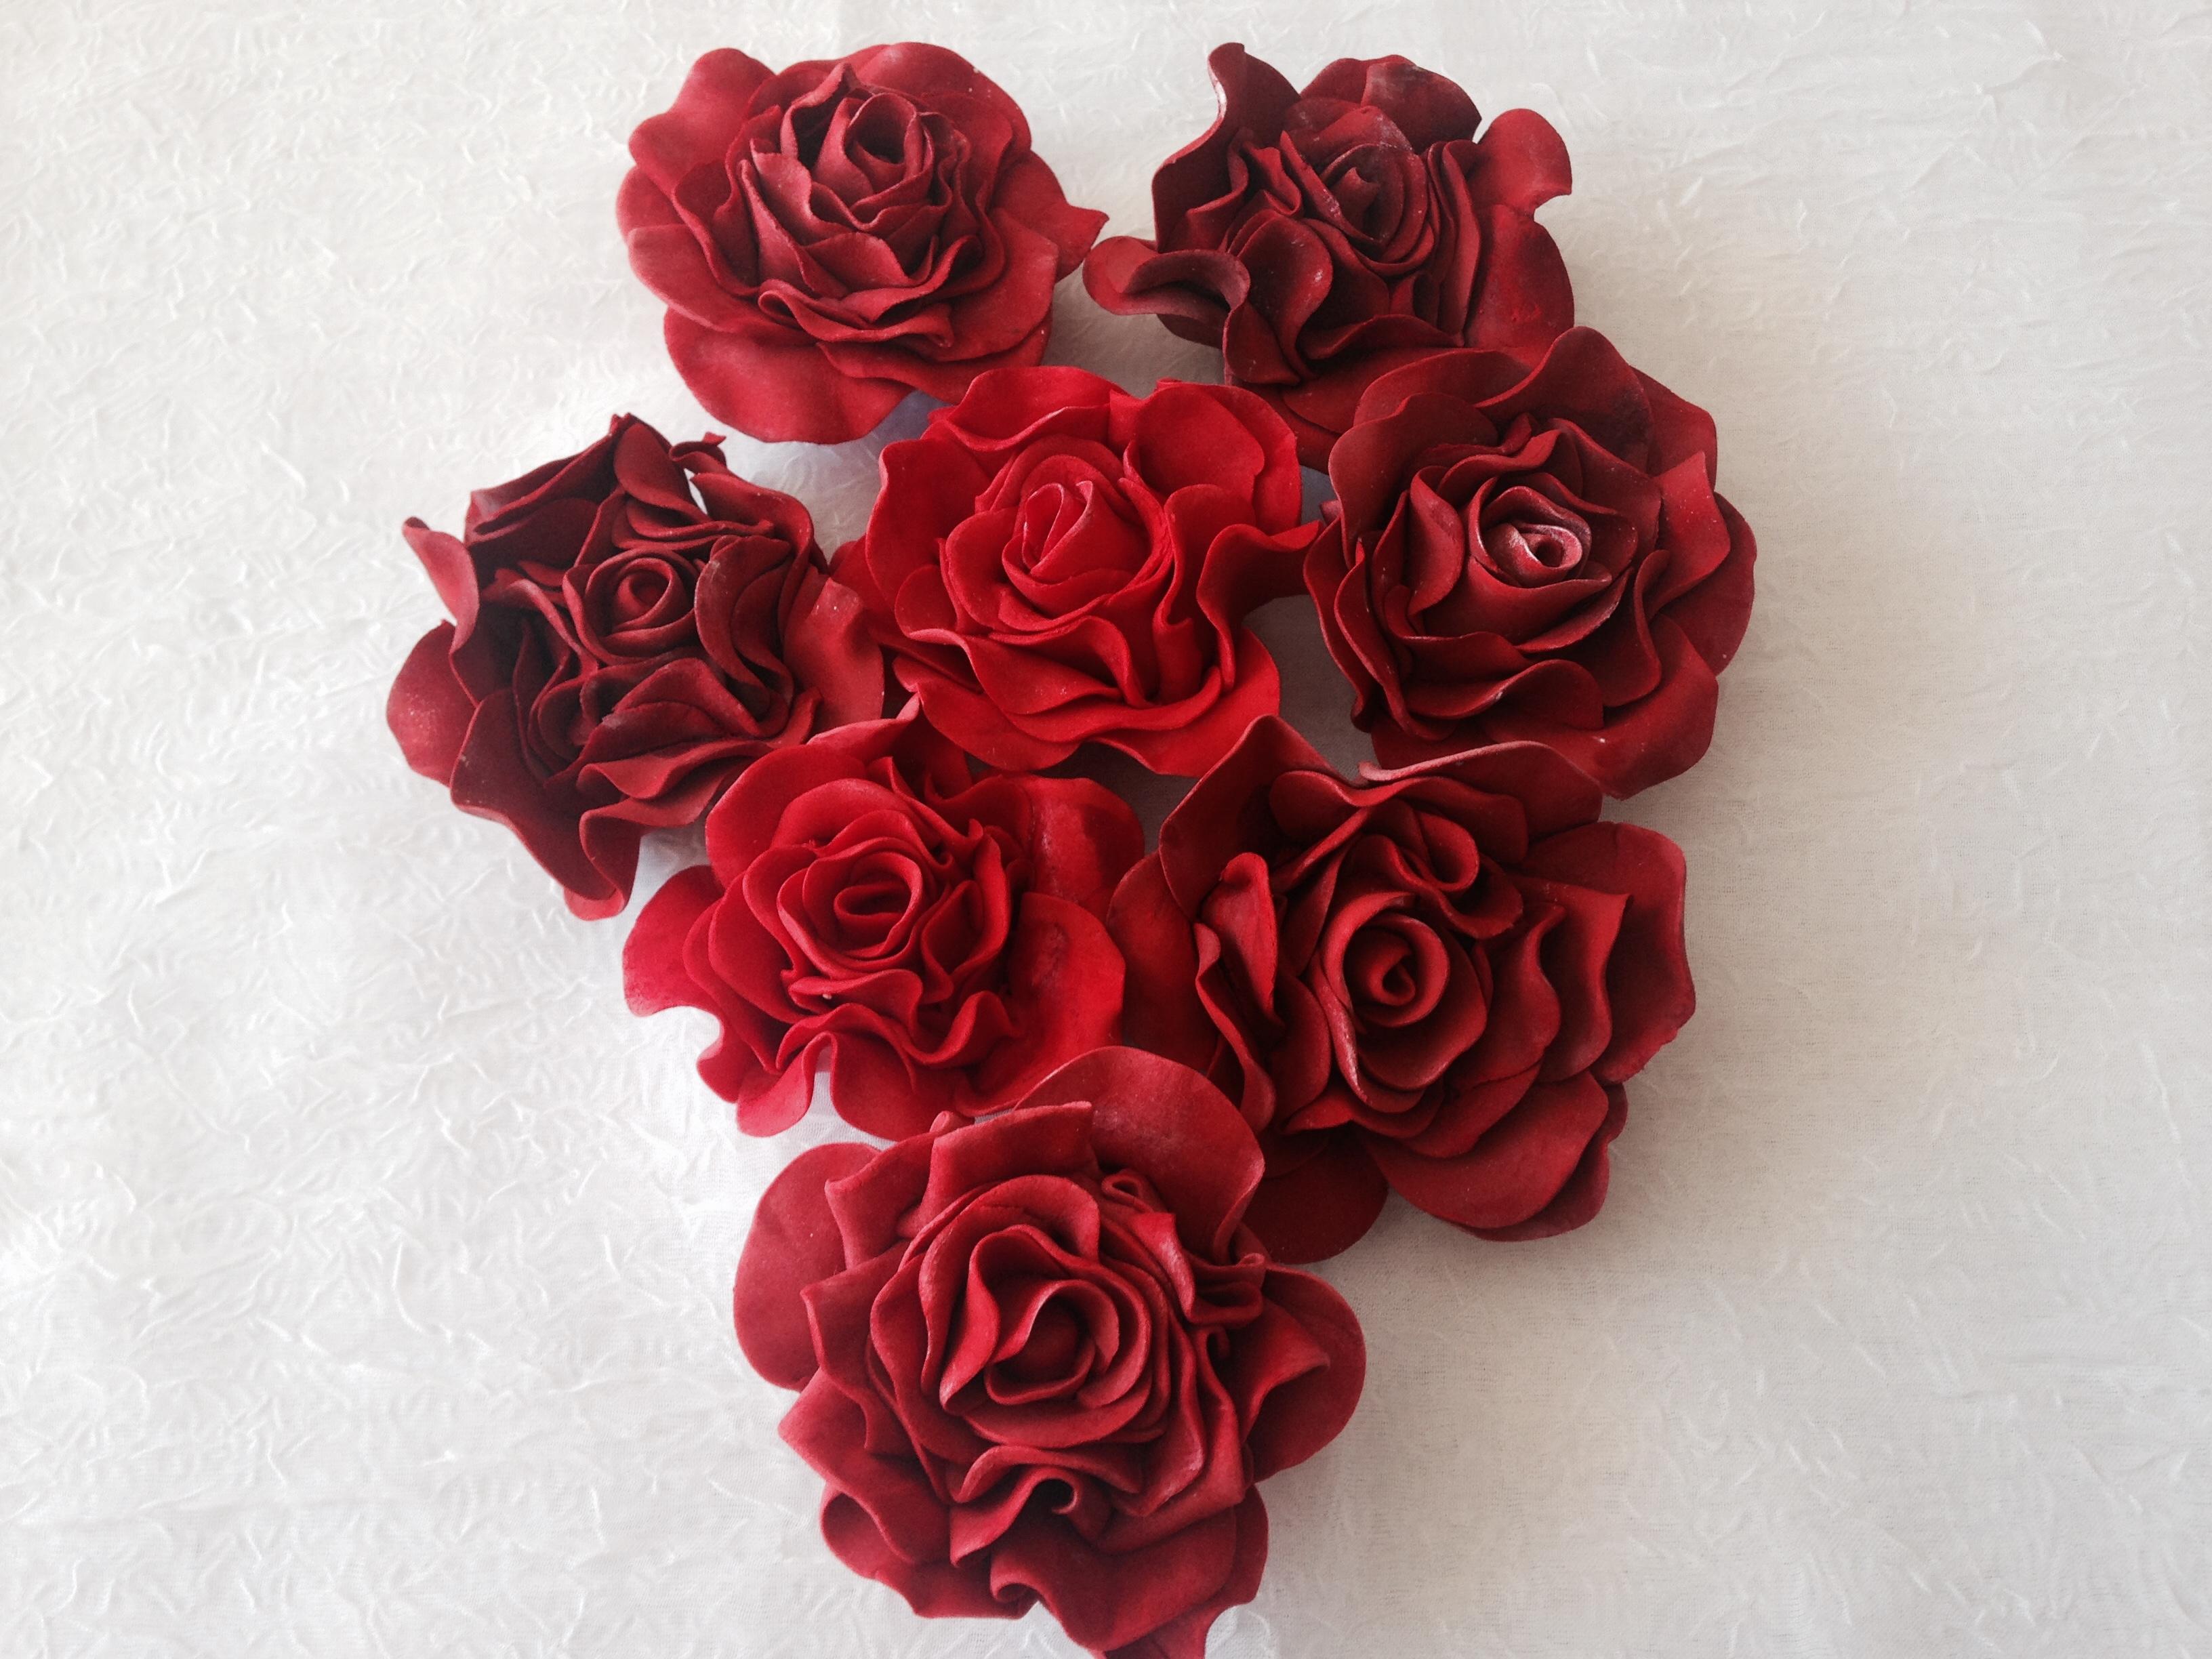 Red gum paste roses